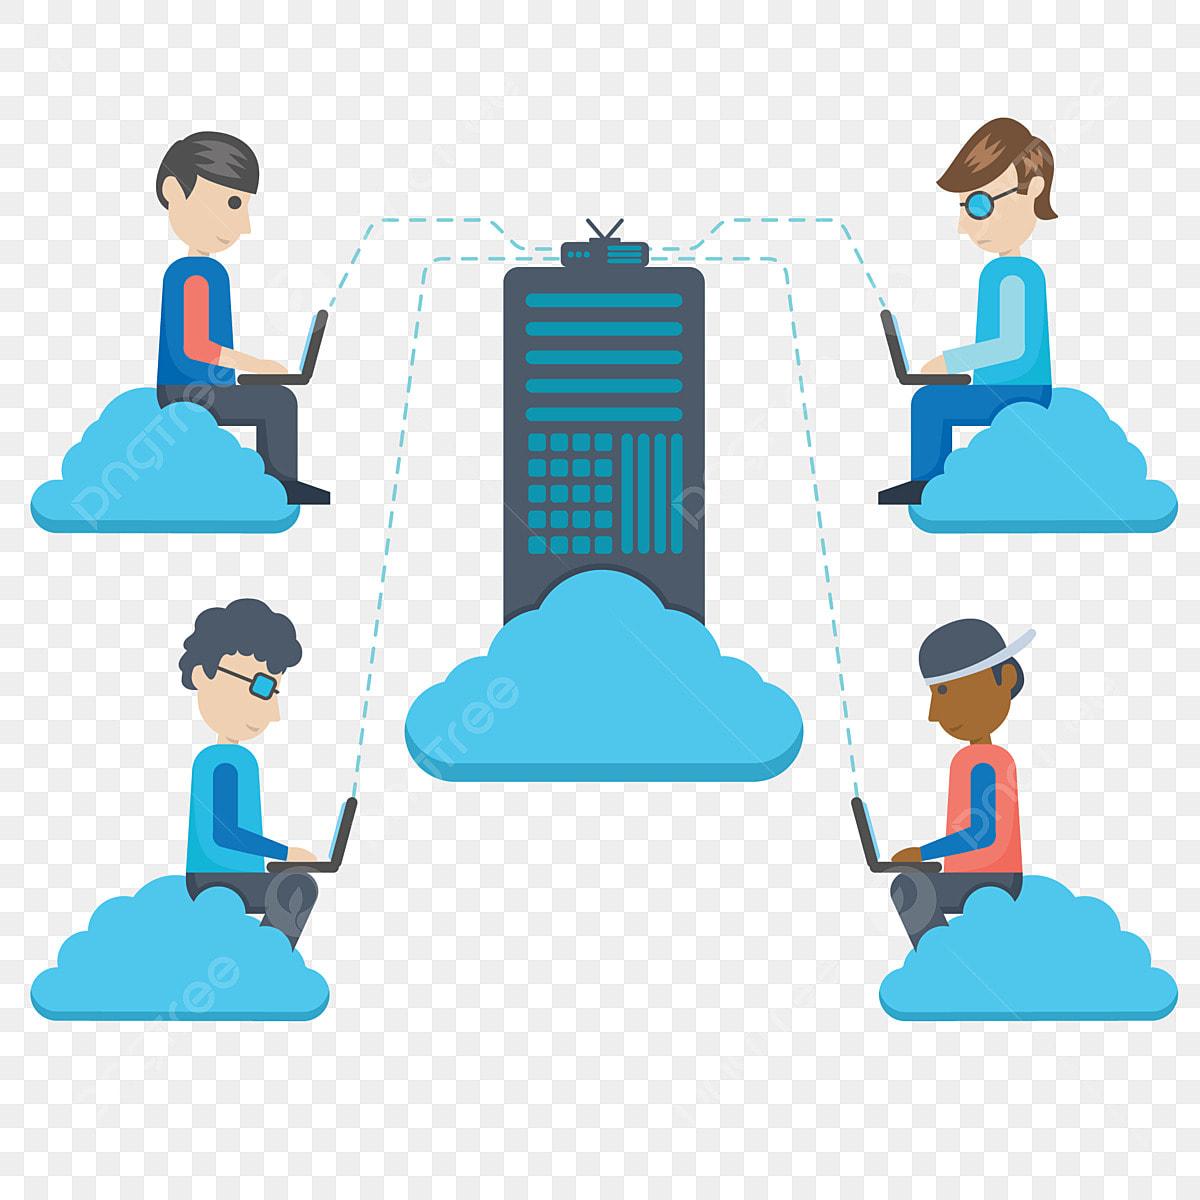 사무실 일 집에서 일러스트레이션, 부팅 페이지, 데이터, 일 PNG 및 벡터 에 대한 무료 다운로드